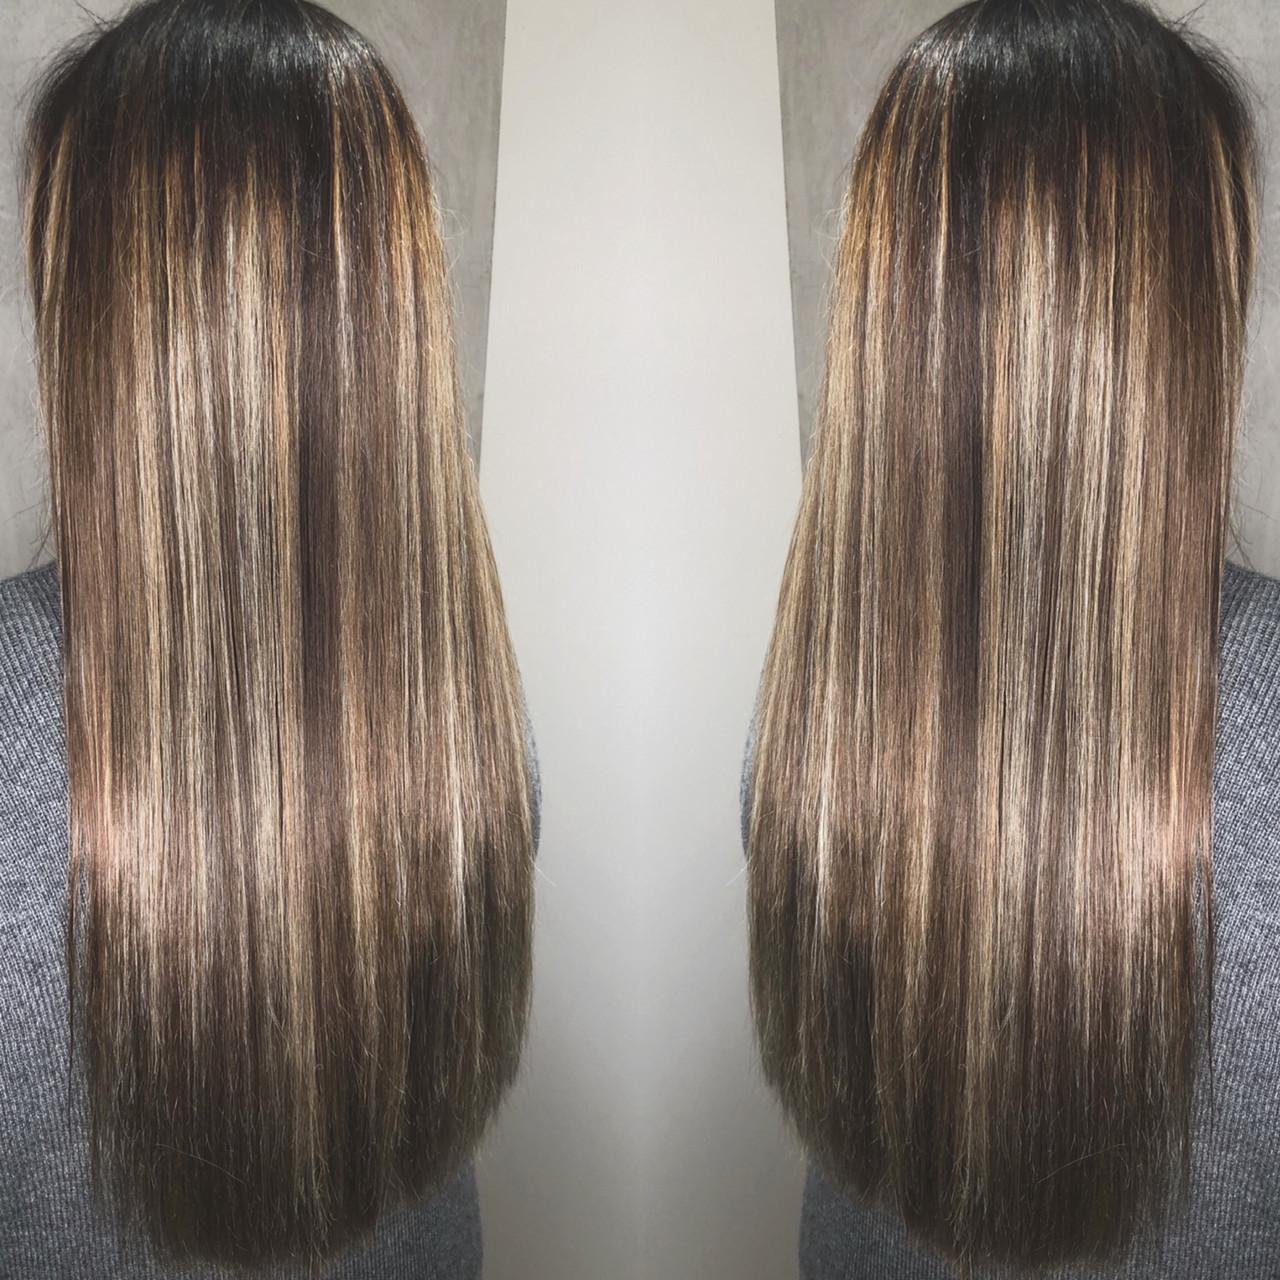 エレガント 外国人風 アッシュ グラデーションカラー ヘアスタイルや髪型の写真・画像   筒井 隆由 / Hair salon mode